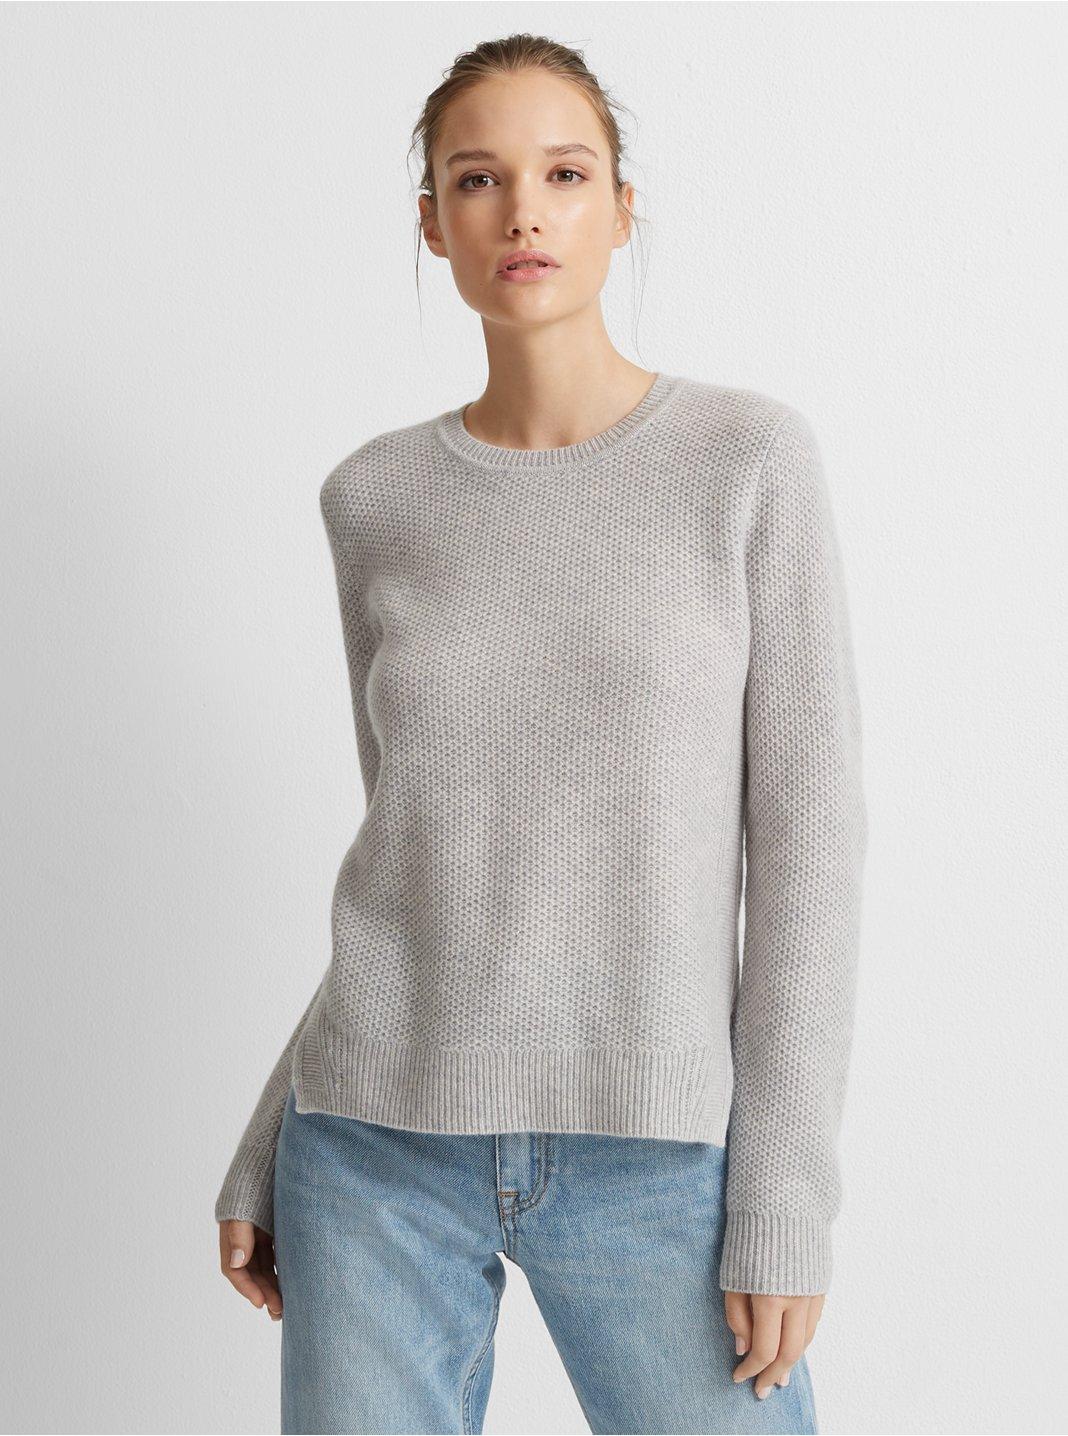 Dellah Cashmere Sweater